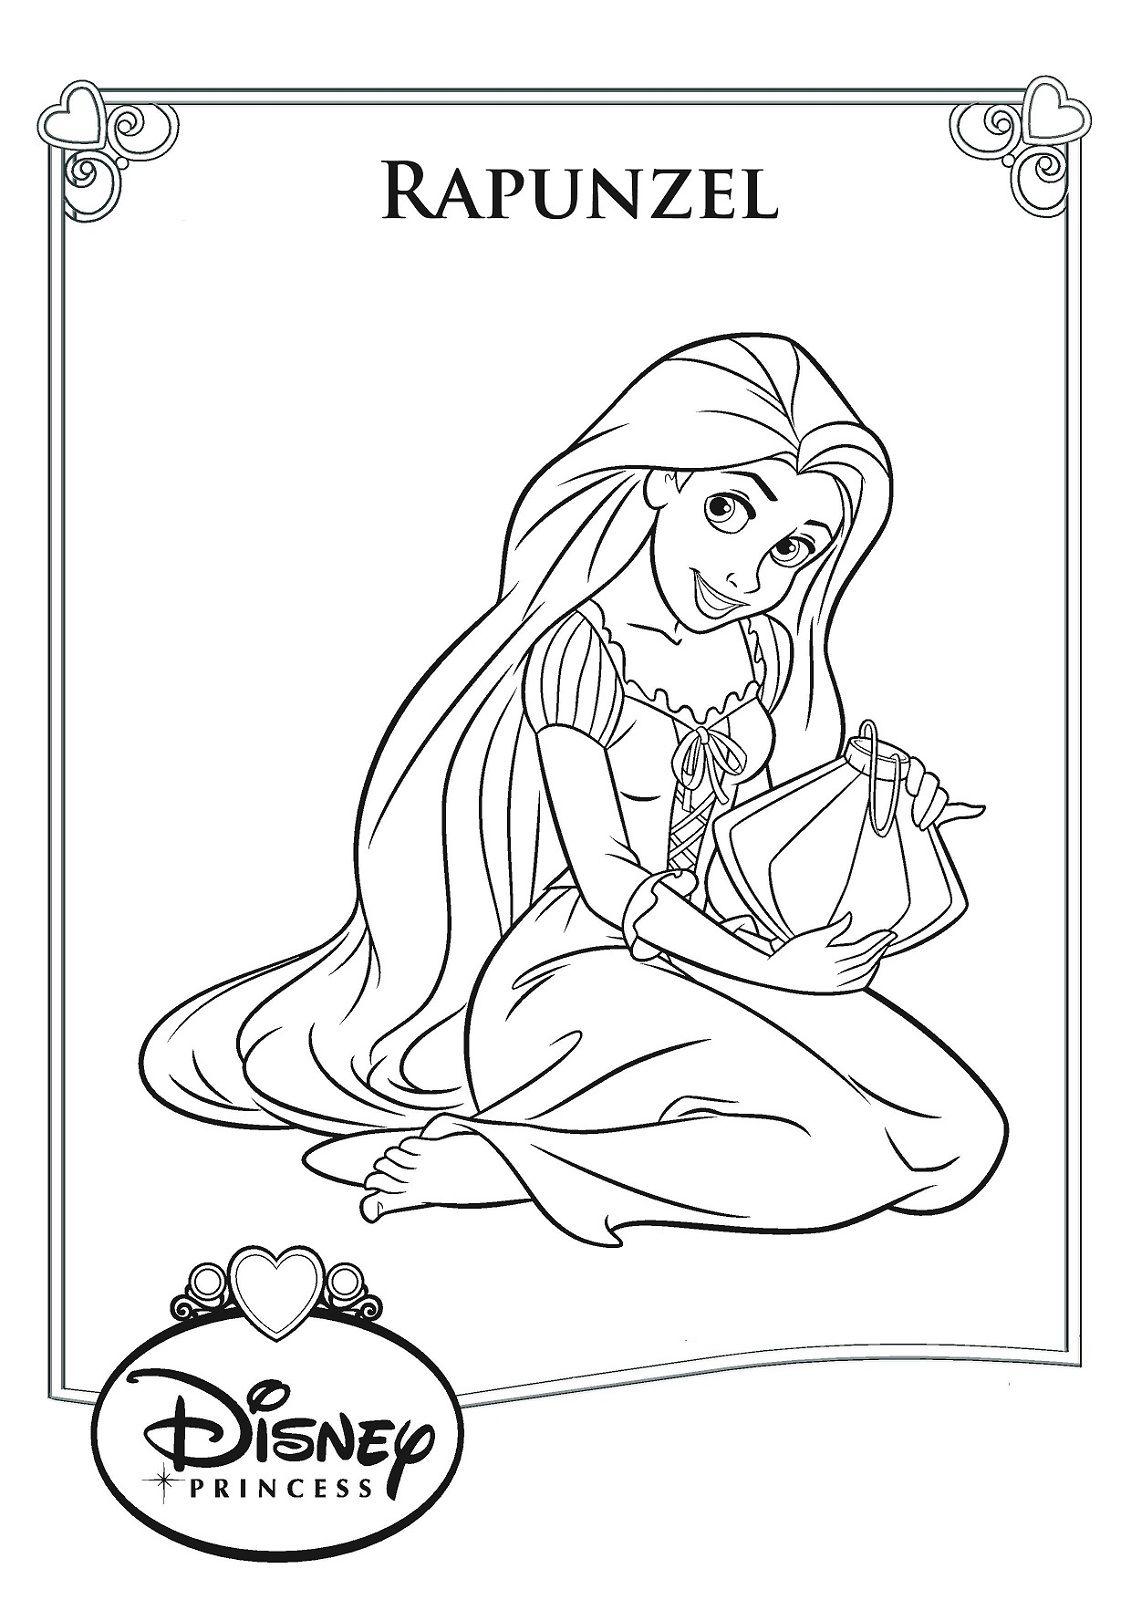 Rapunzel Color Pages To Print